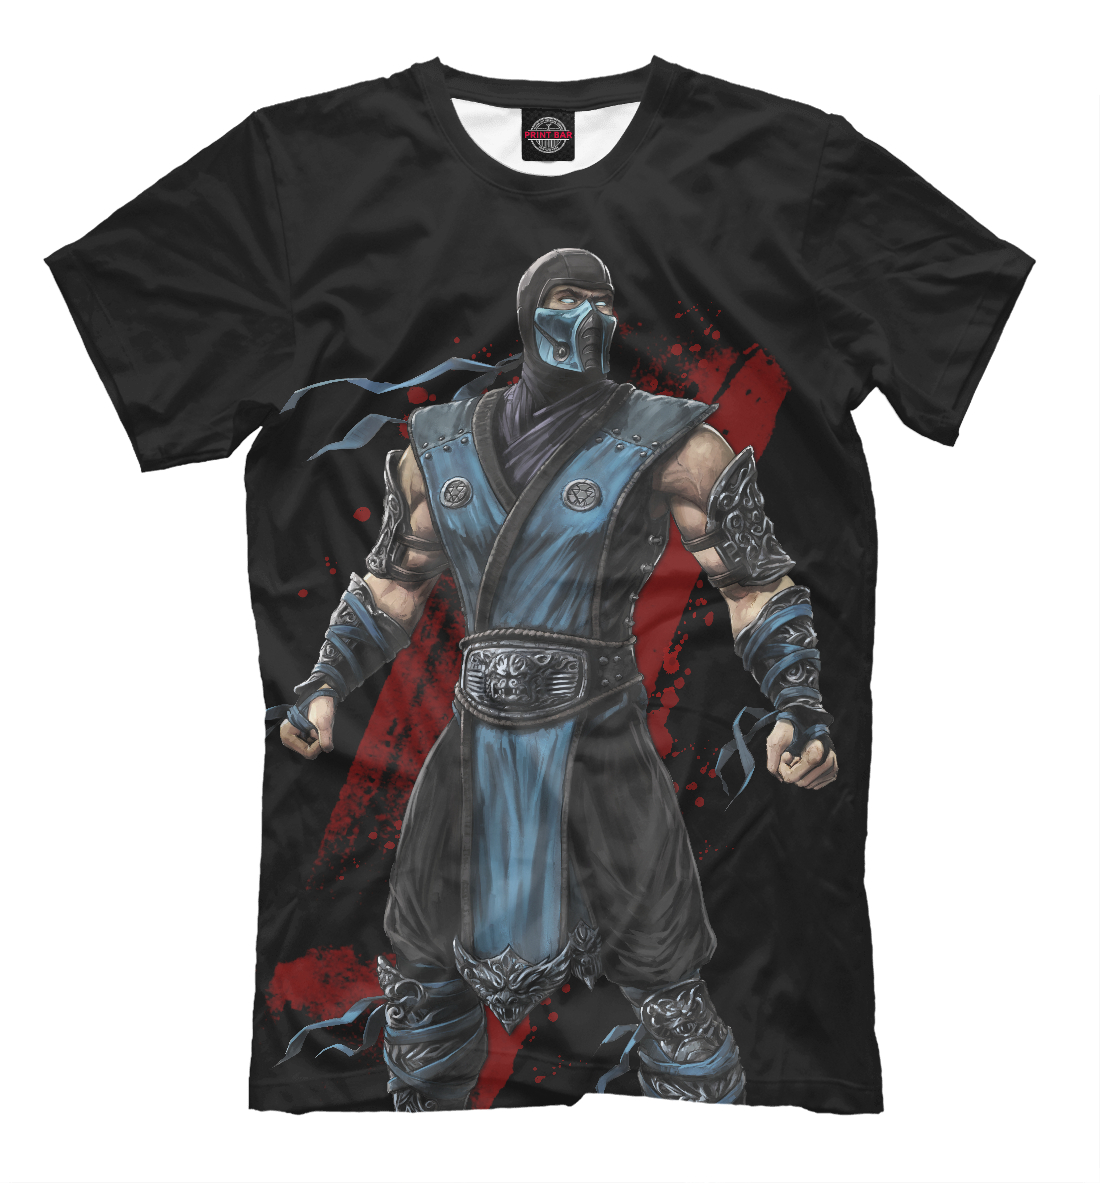 Купить Mortal Kombat: Sub-Zero, Printbar, Футболки, MKB-624401-fut-2